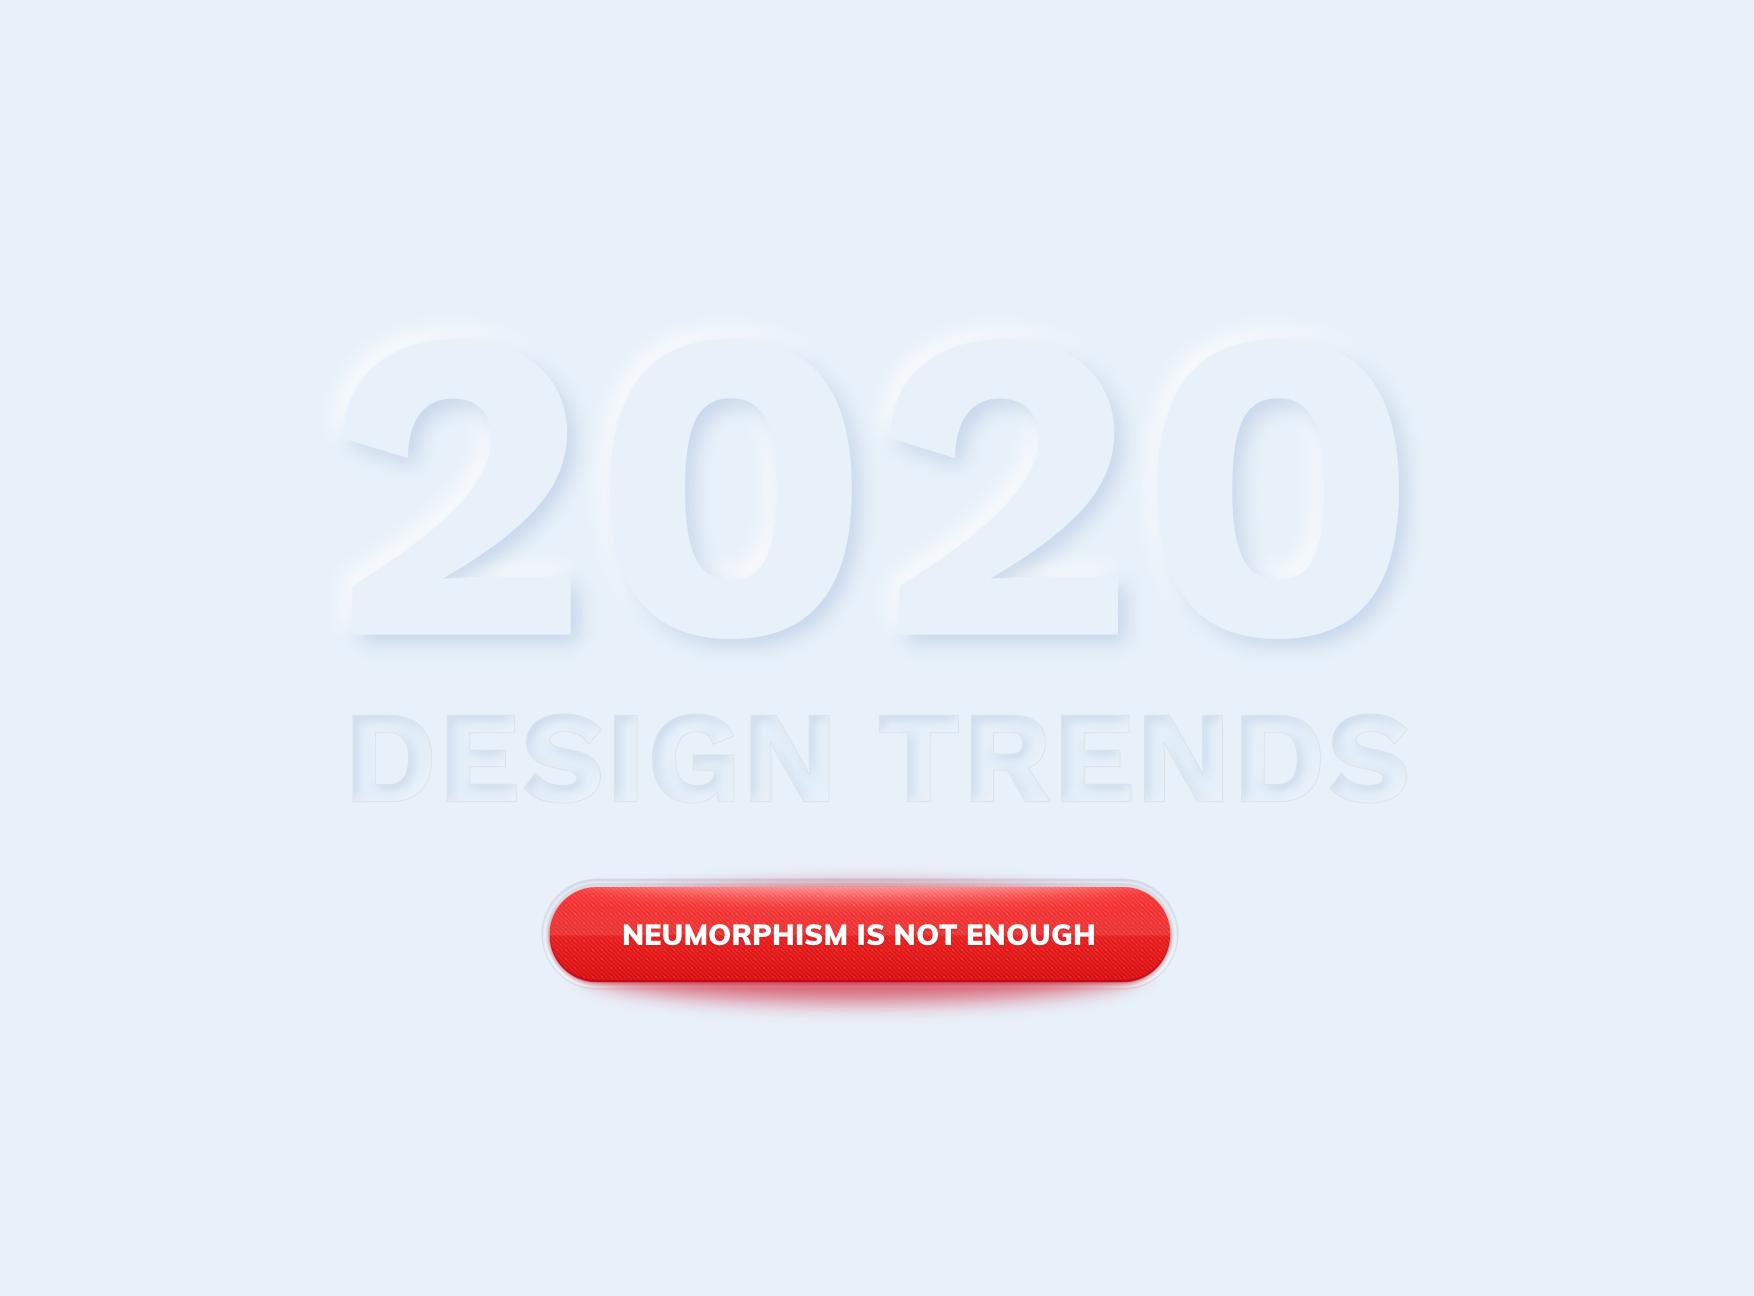 Le neumorphism, la nouvelle tendance design de 2020 ?